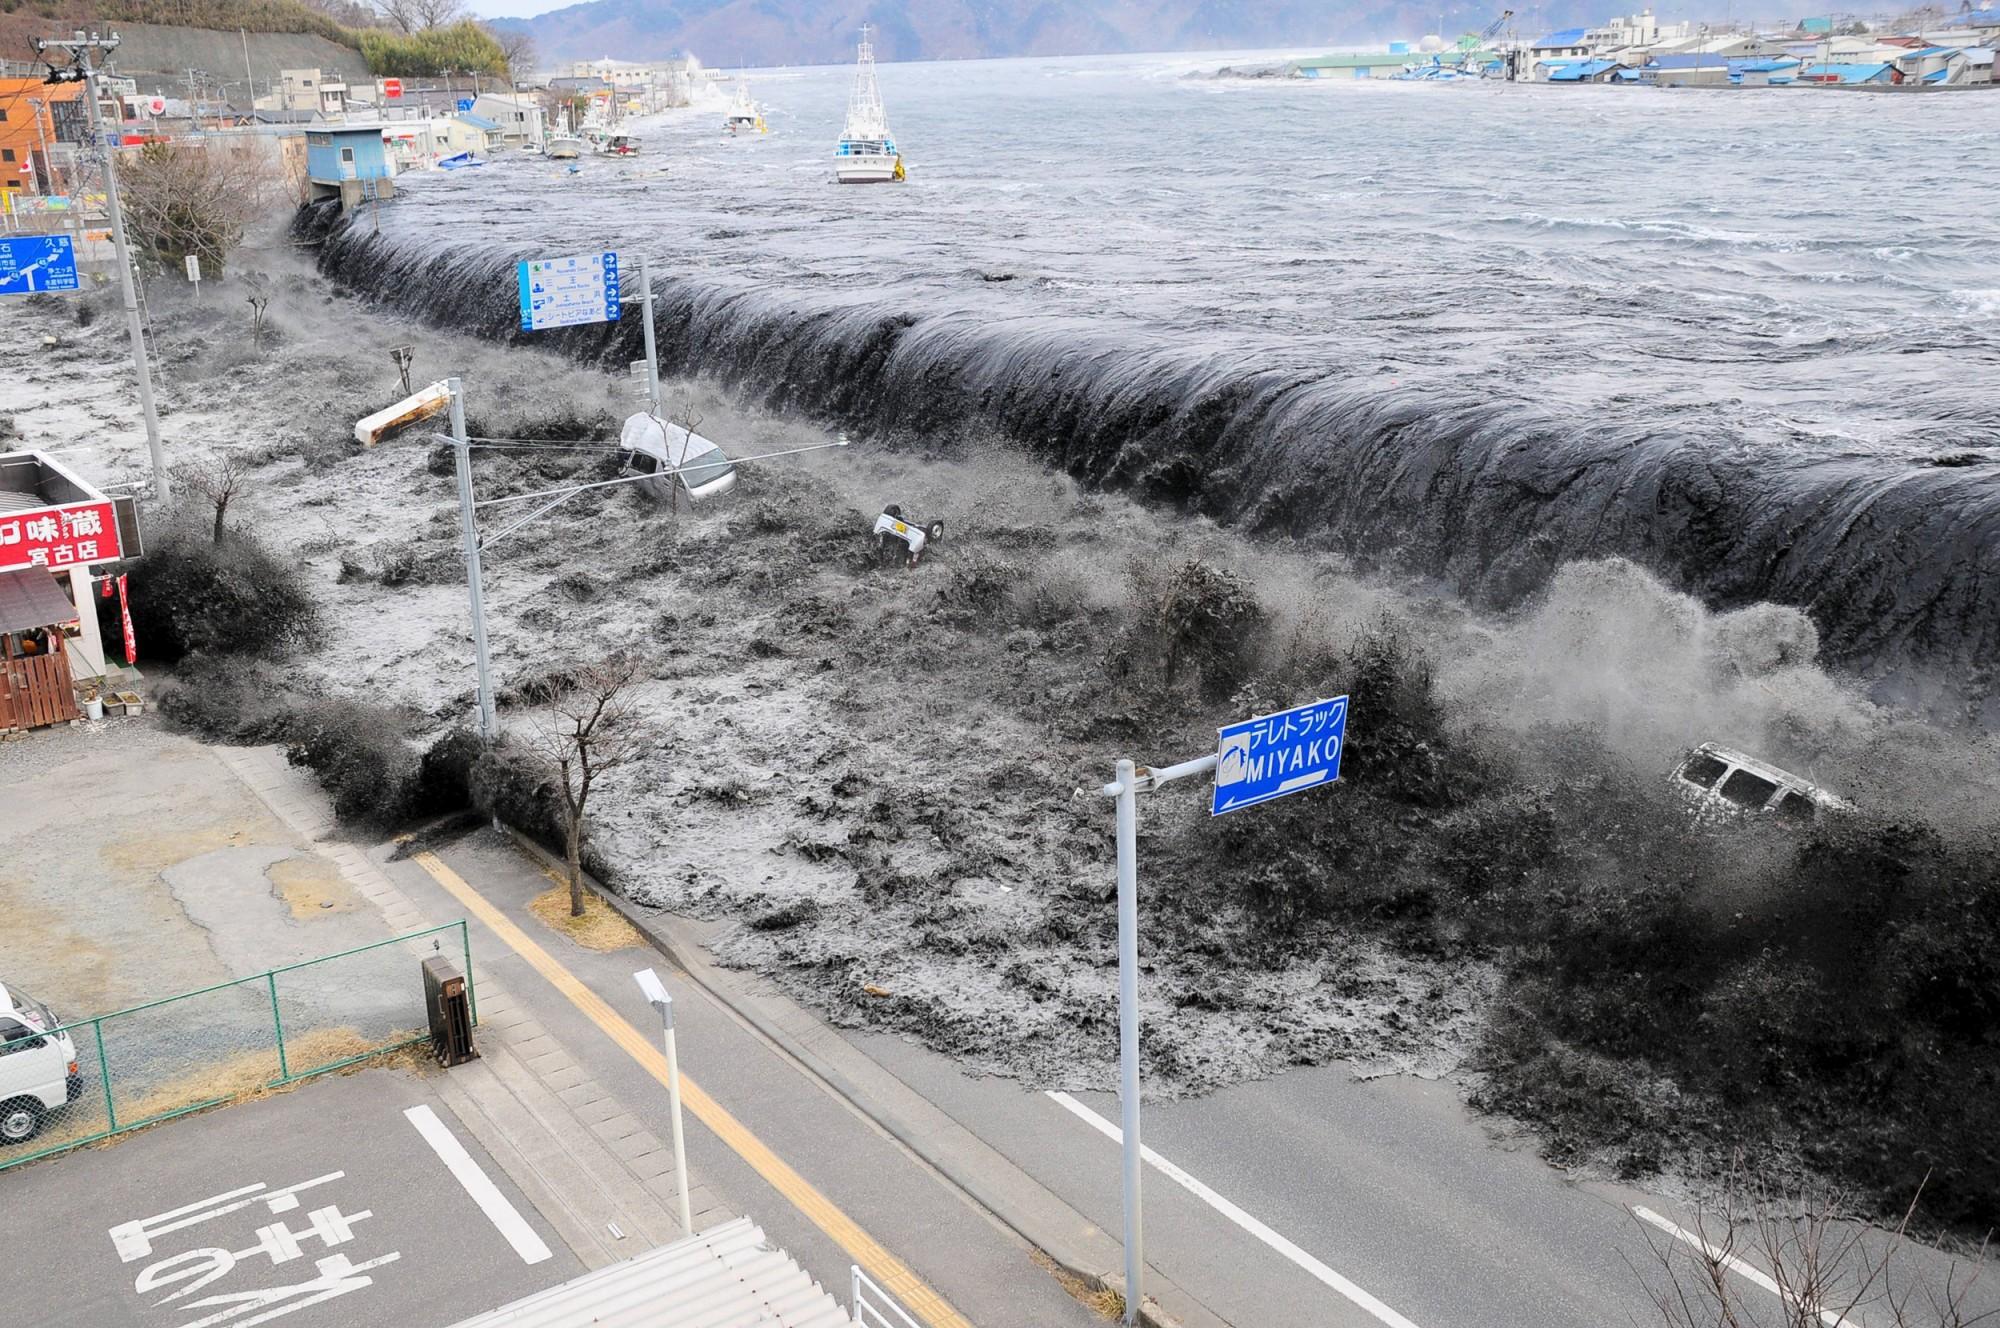 181204-japan-tsunami-earthquake-cs-920a.jpg